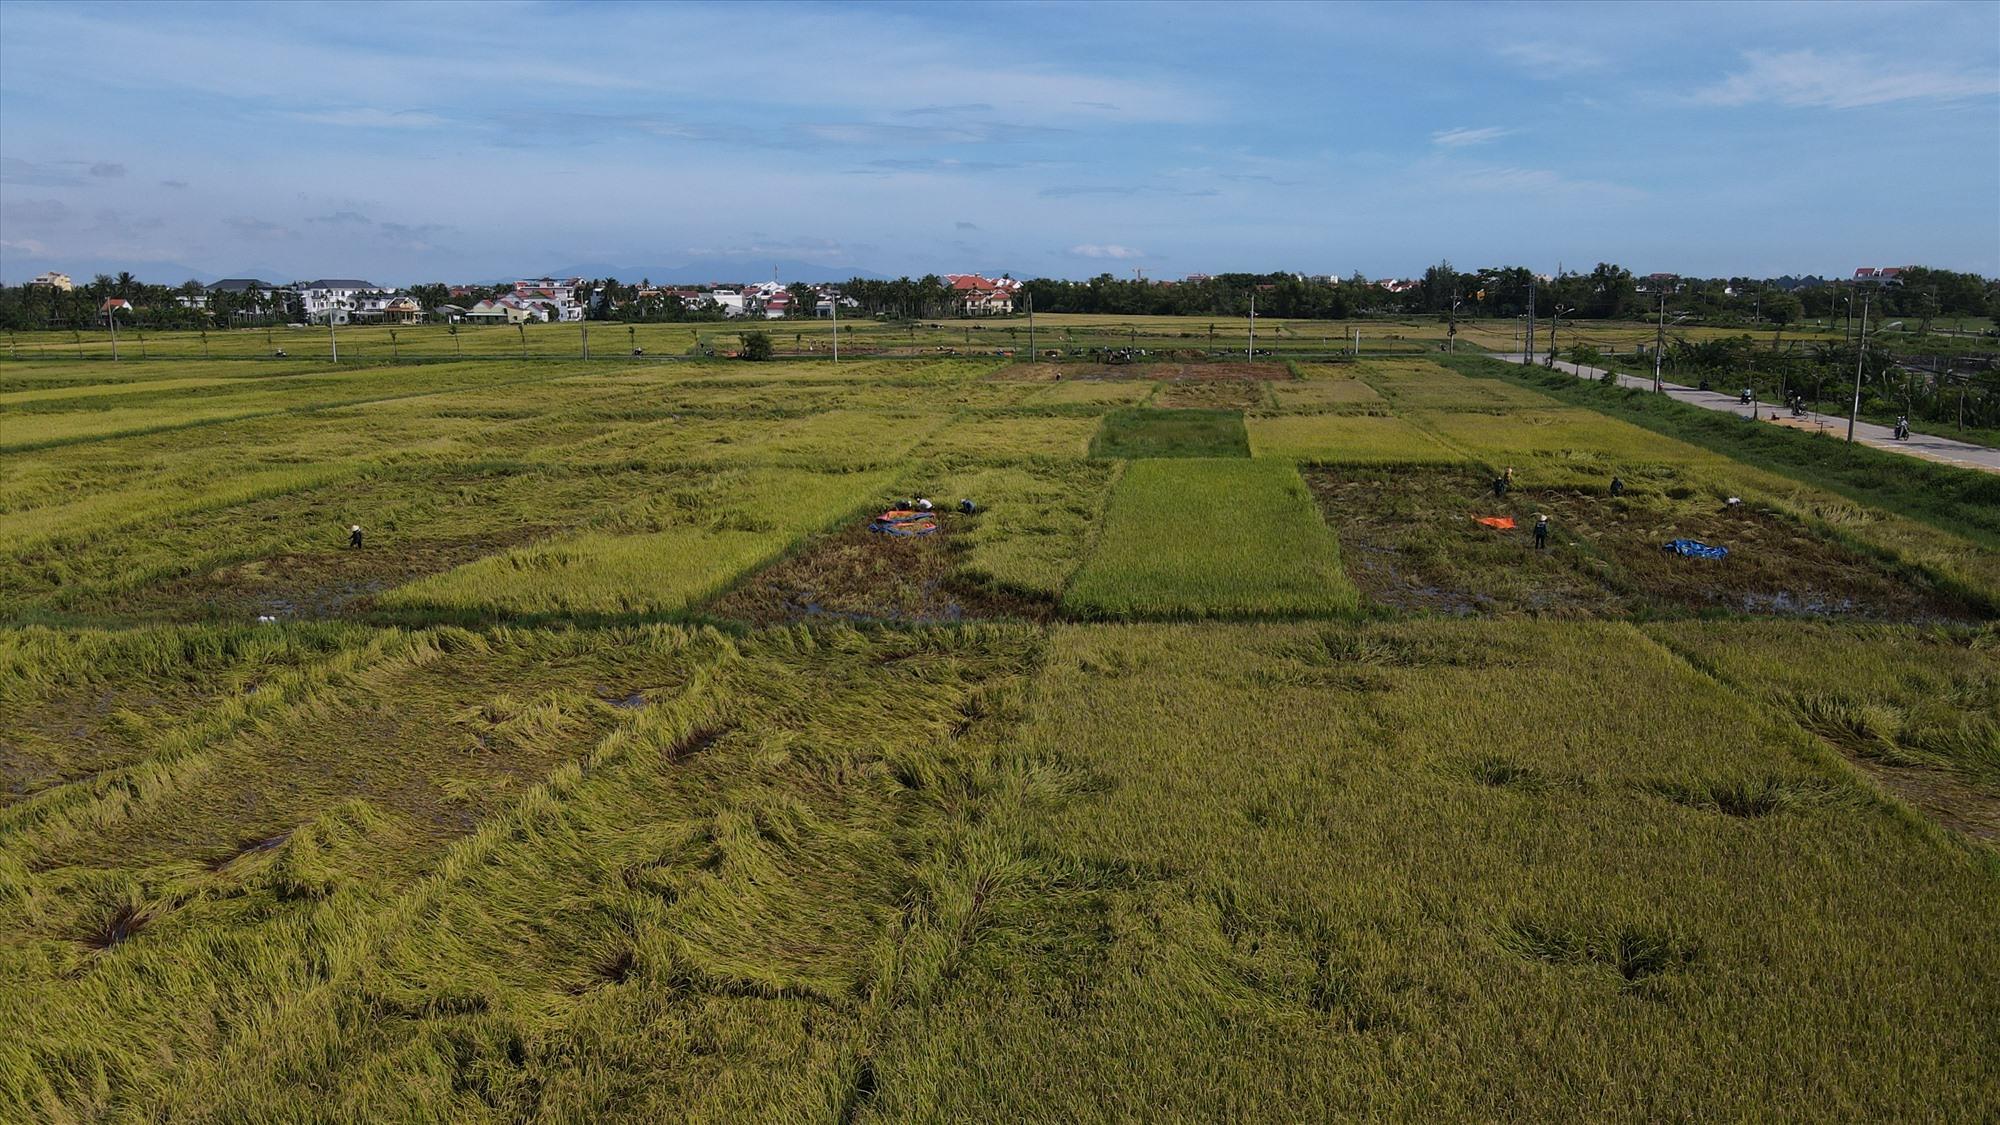 Hàng chục ha lúa của người dân tại cánh đồng Mẫu (xã Cẩm Thanh, Hội An) bị ngã đổ và bắt đầu lên mầm non sau những ngày ngâm nước do mưa lũ.